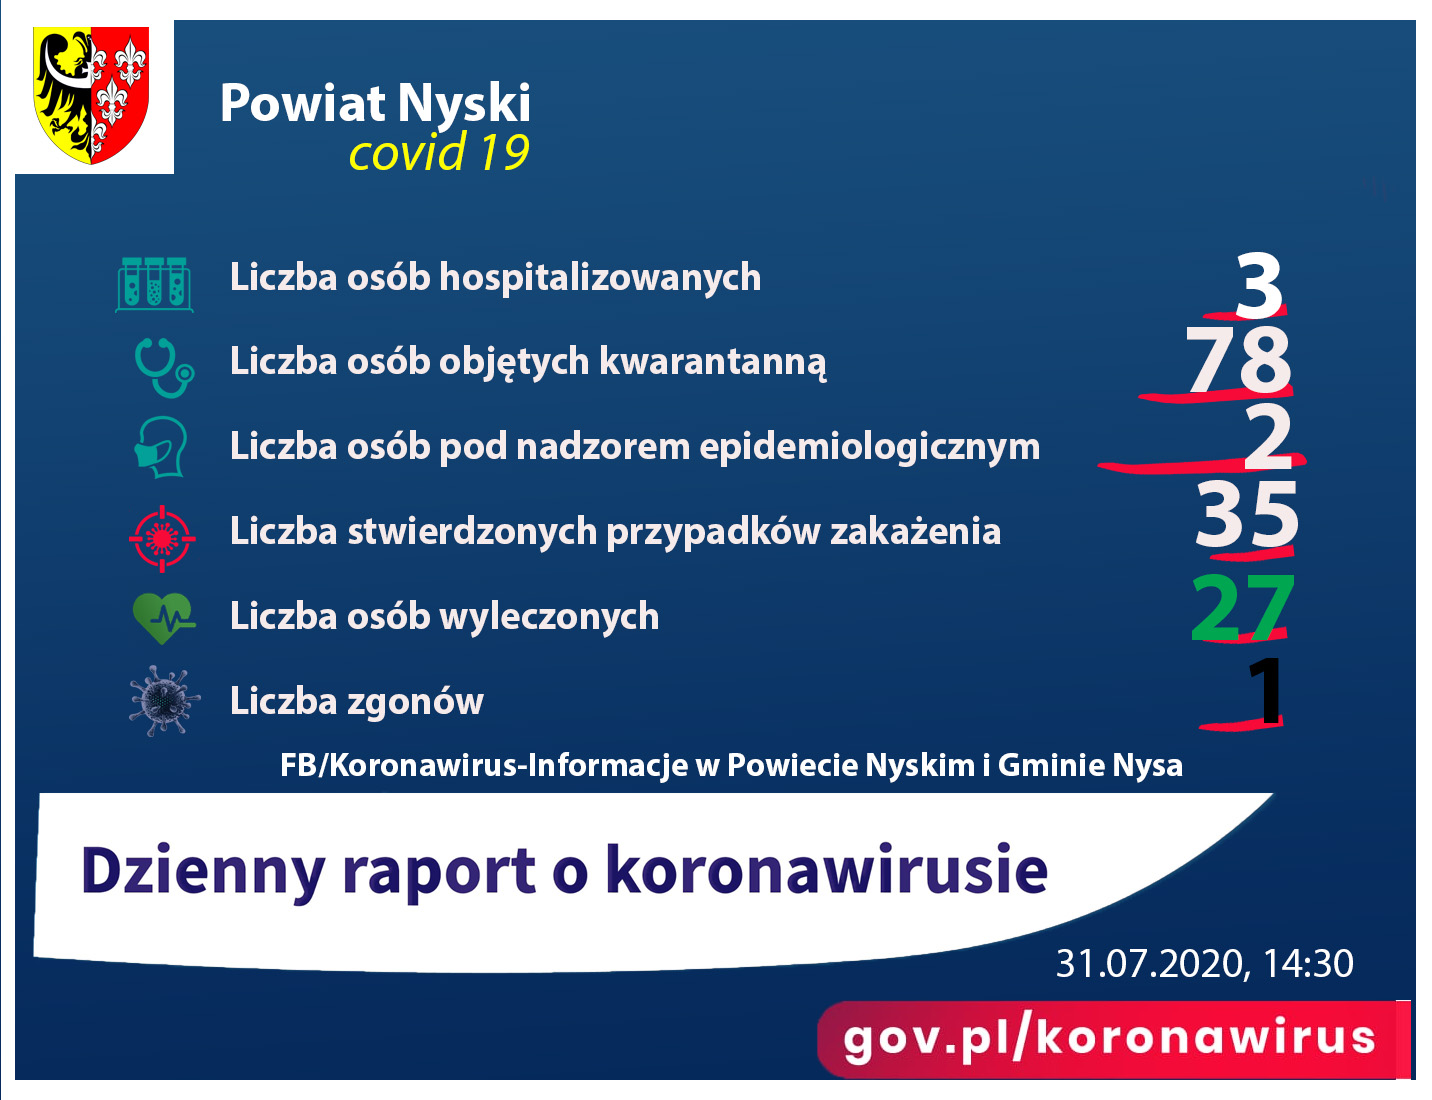 Zdjęcie przedstawia raport dotyczący sytuacji epidemiologicznejw  powiecie nyskim